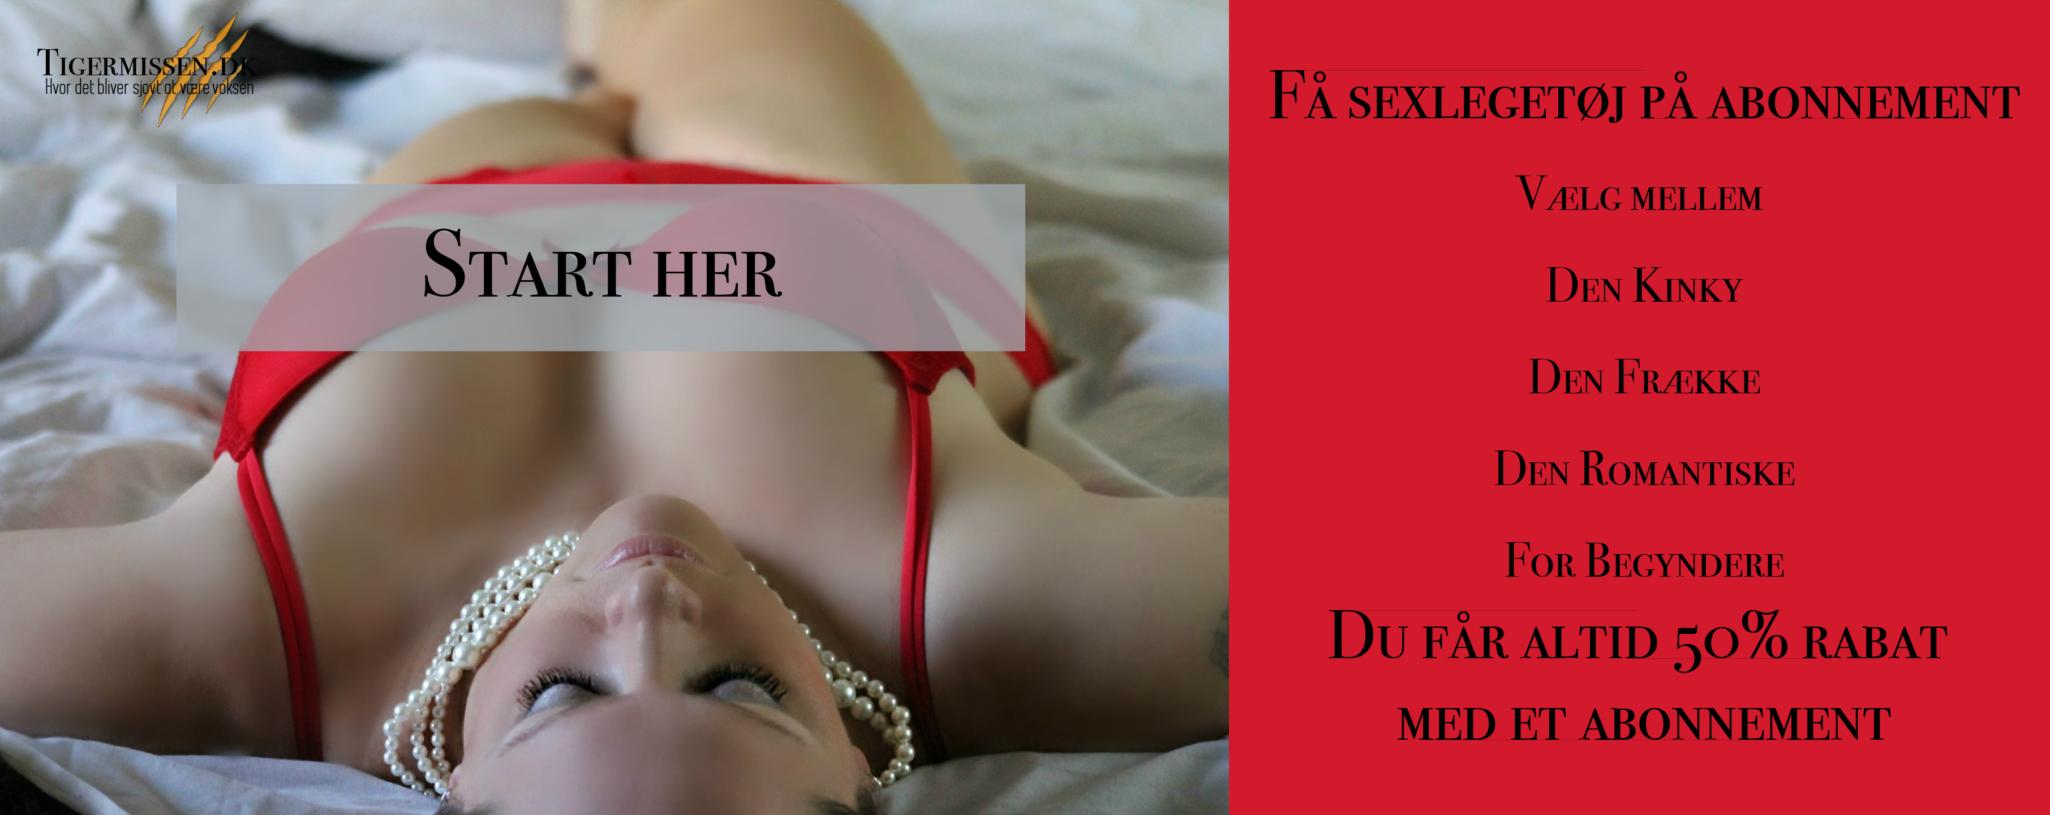 sexlegetøj abonnement